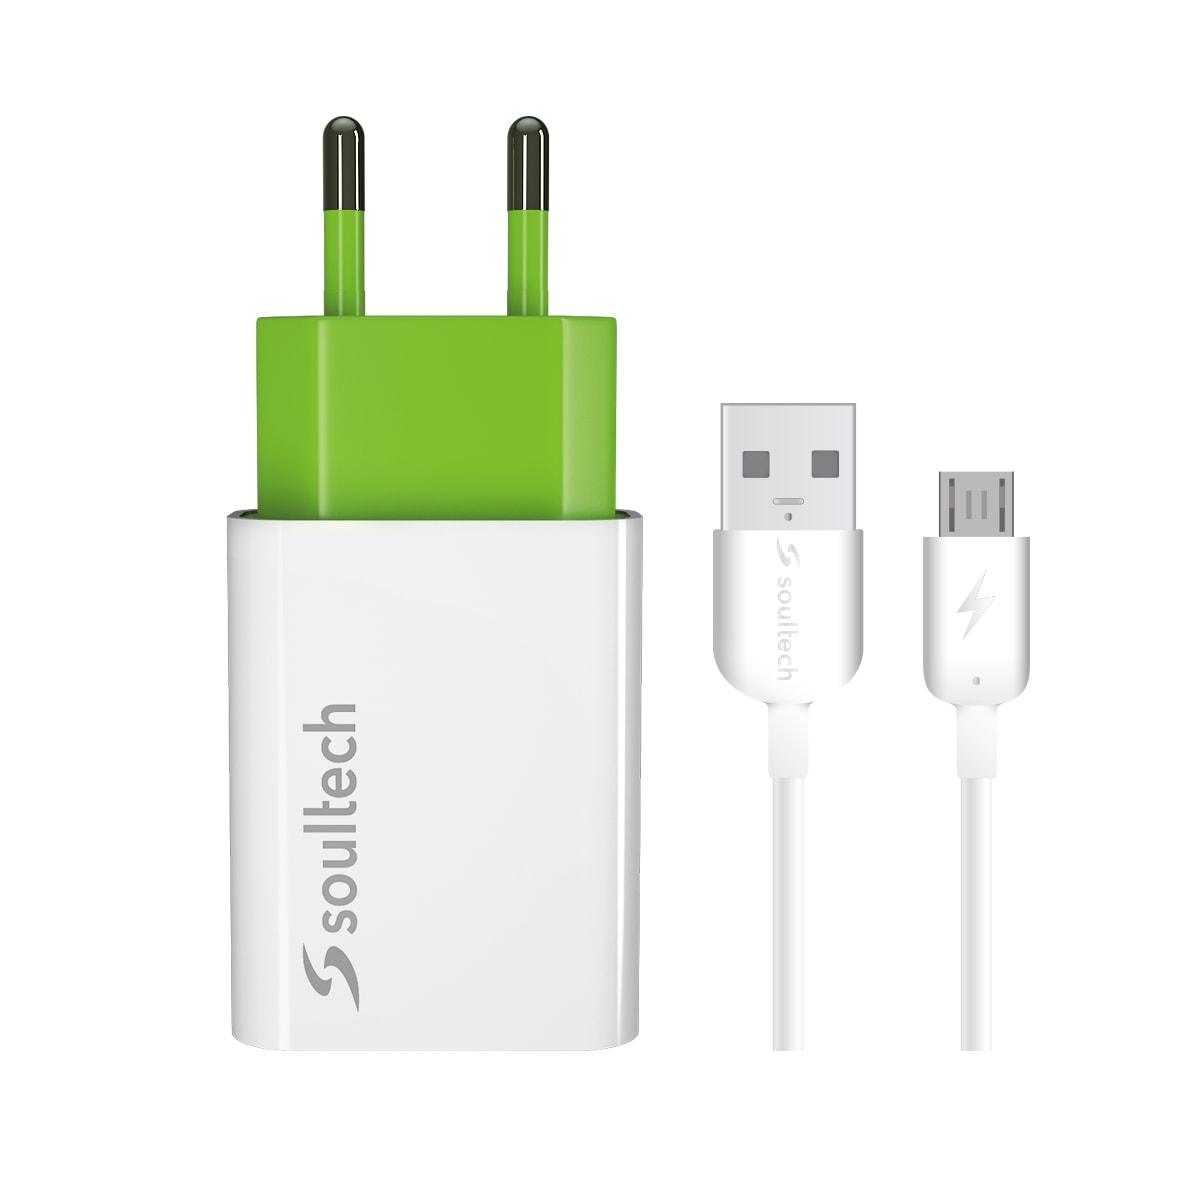 Soultech Comfort Hızlı Mıcro Usb Şarj+ Kablo SC212B  2.0 MAH  Beyaz